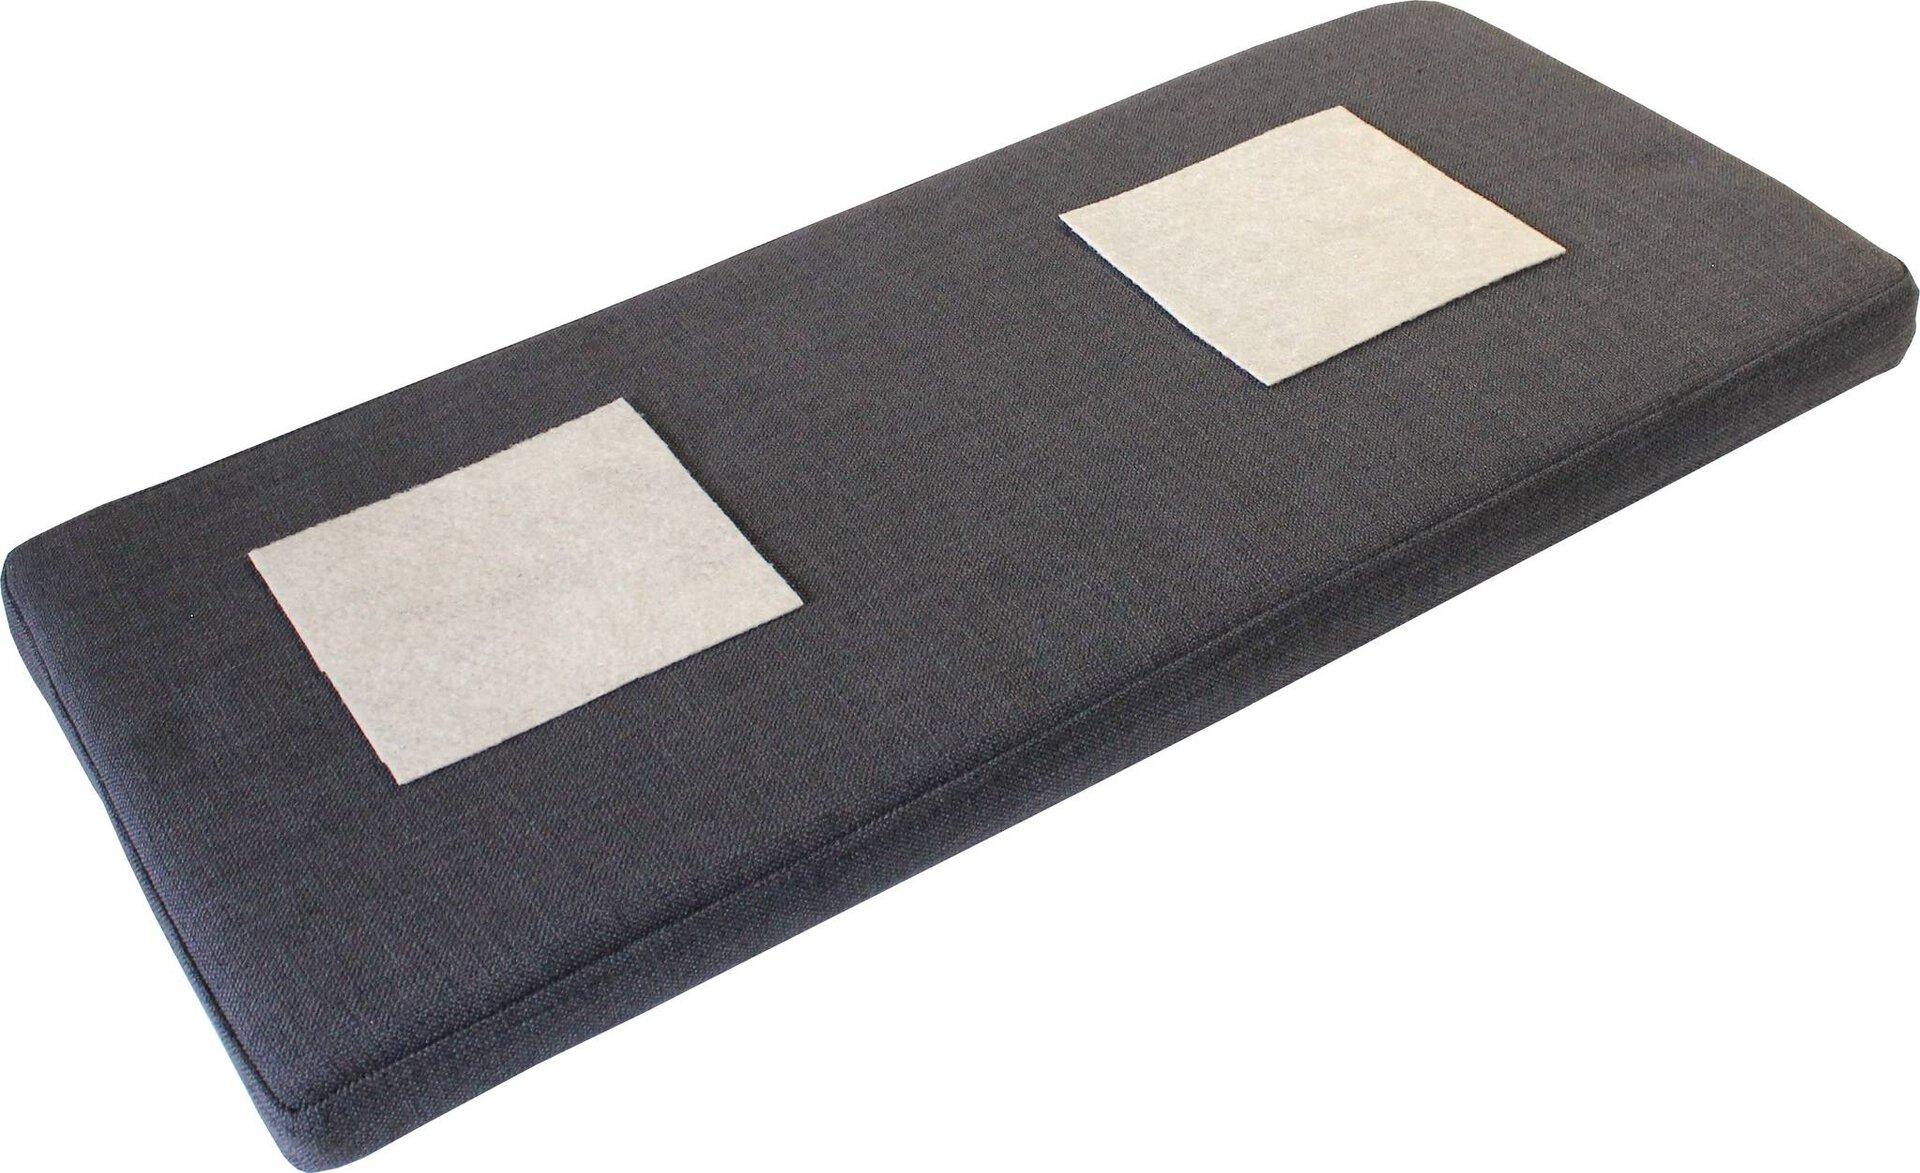 Kissen SINTARA Germania Textil grau 35 x 5 x 95 cm